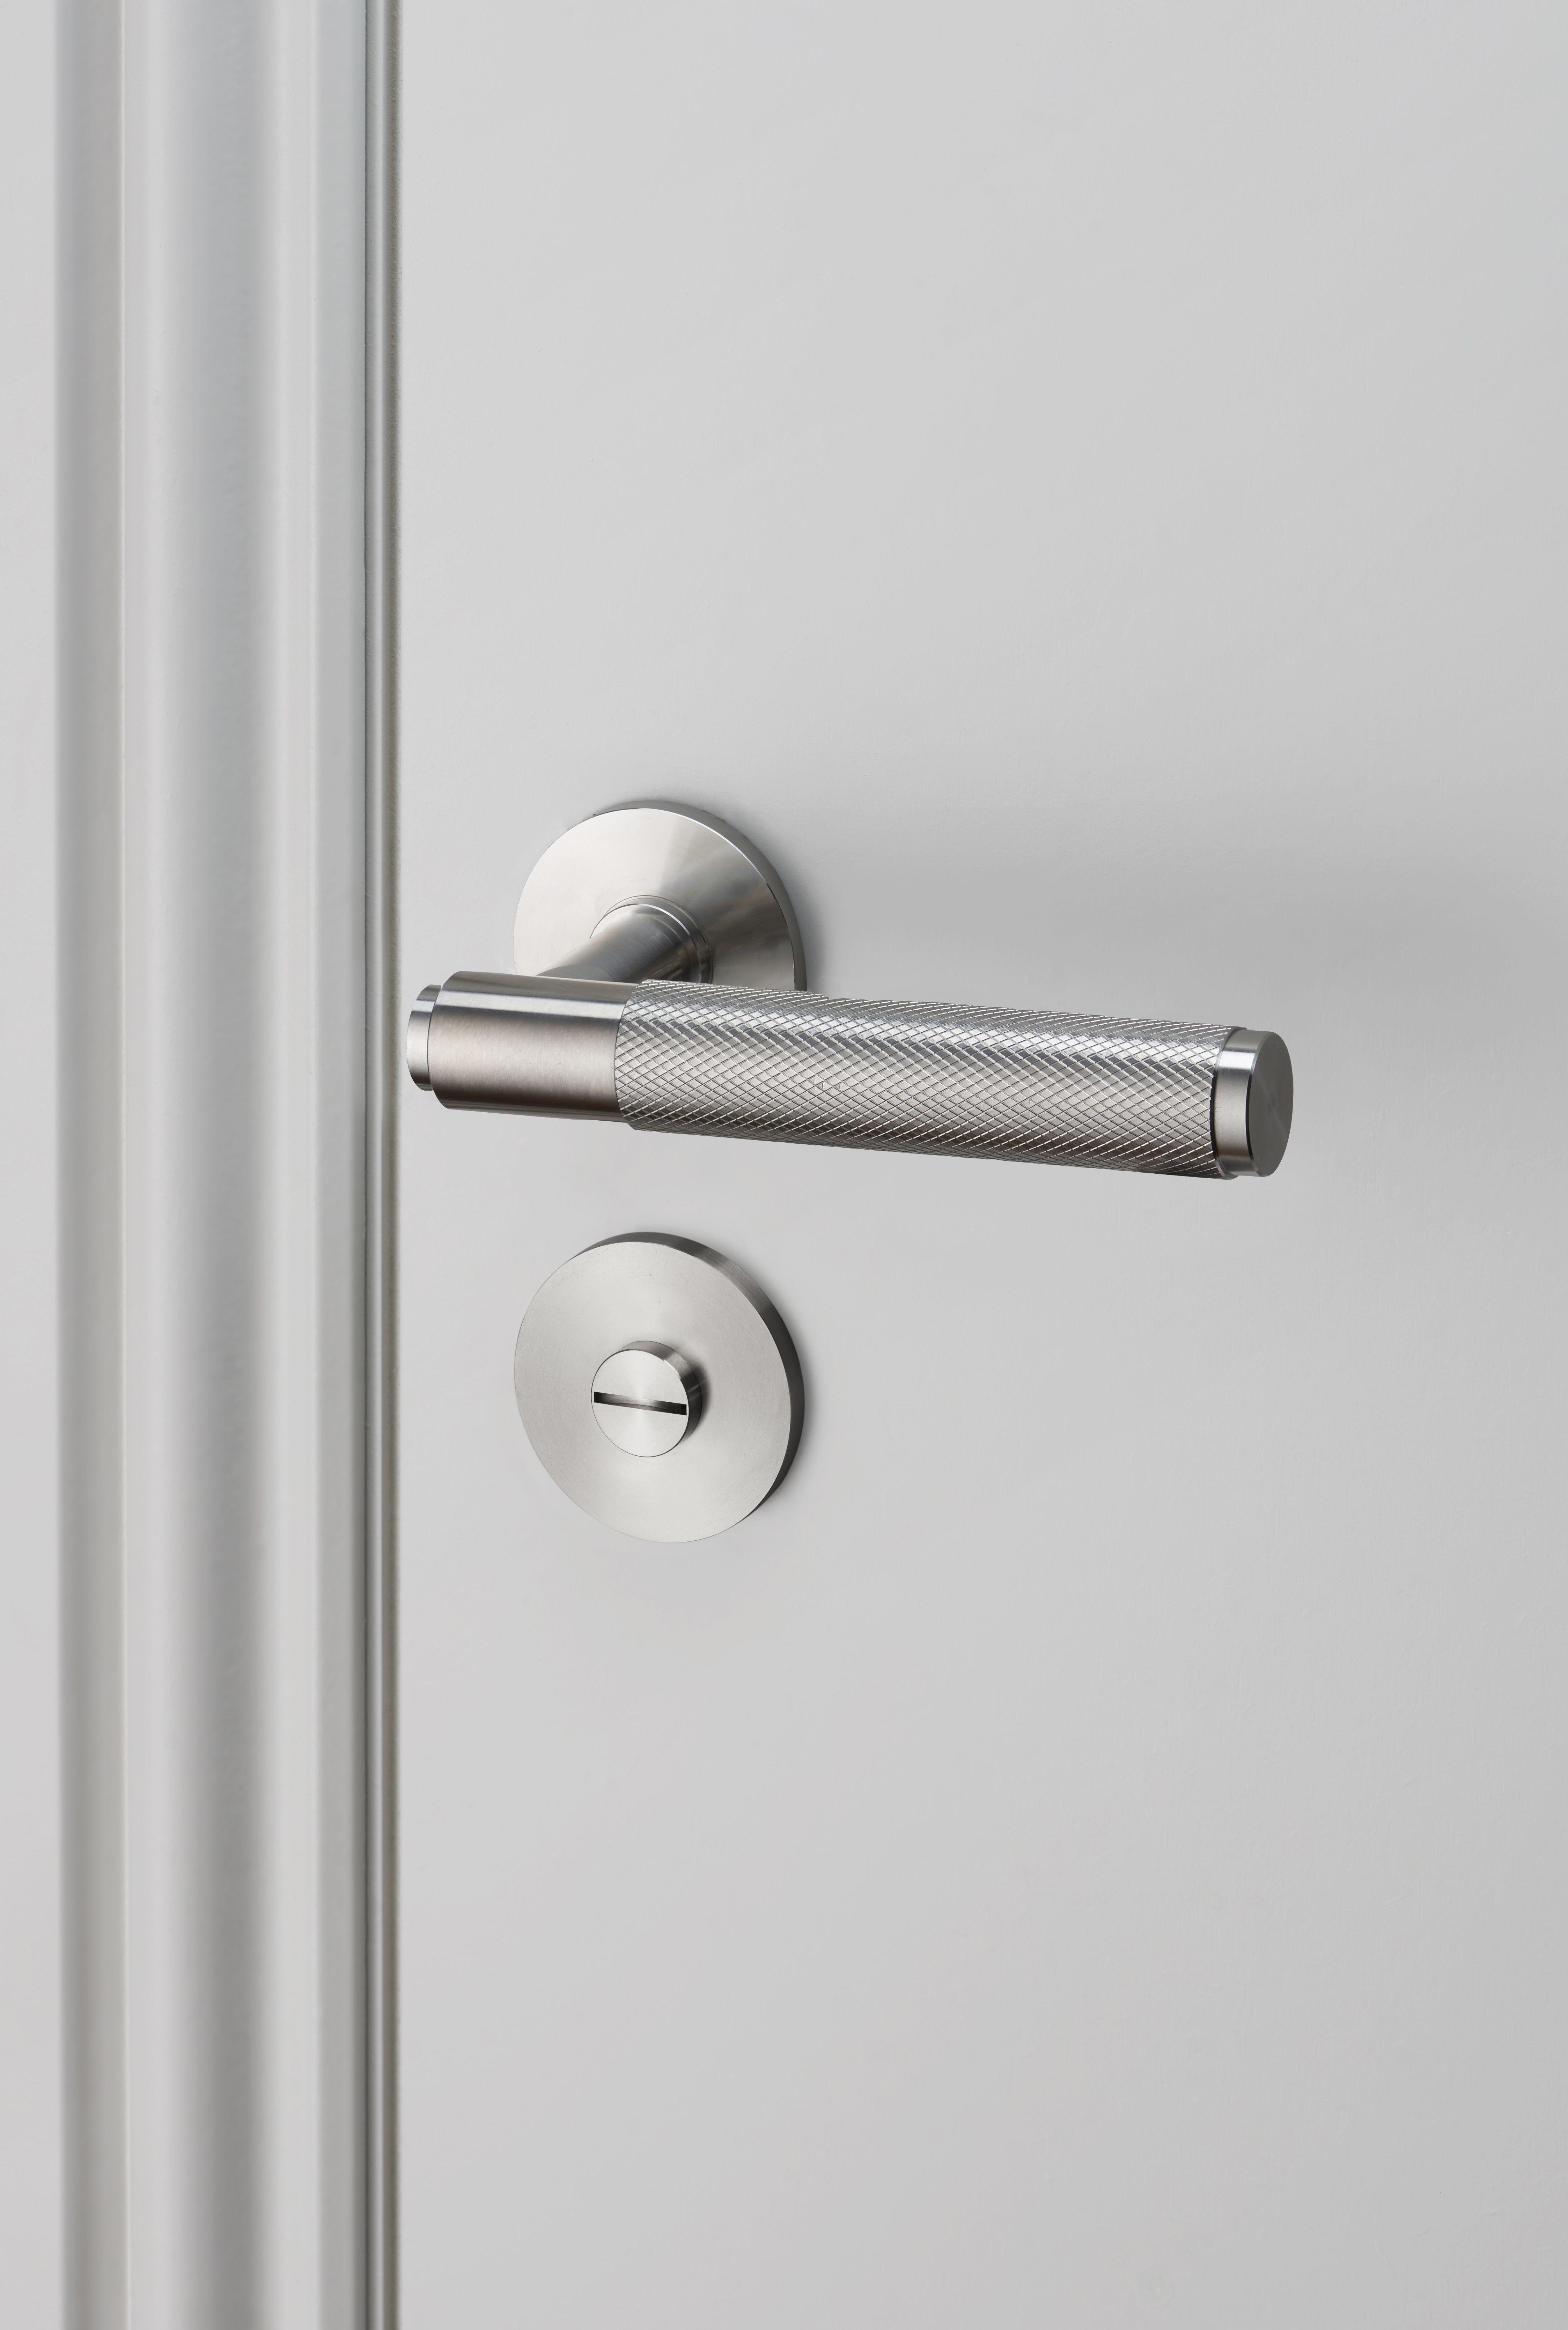 DOOR LEVER HANDLE STEEL And THUMBTURN LOCK STEEL By Buster - Commercial bathroom door handle